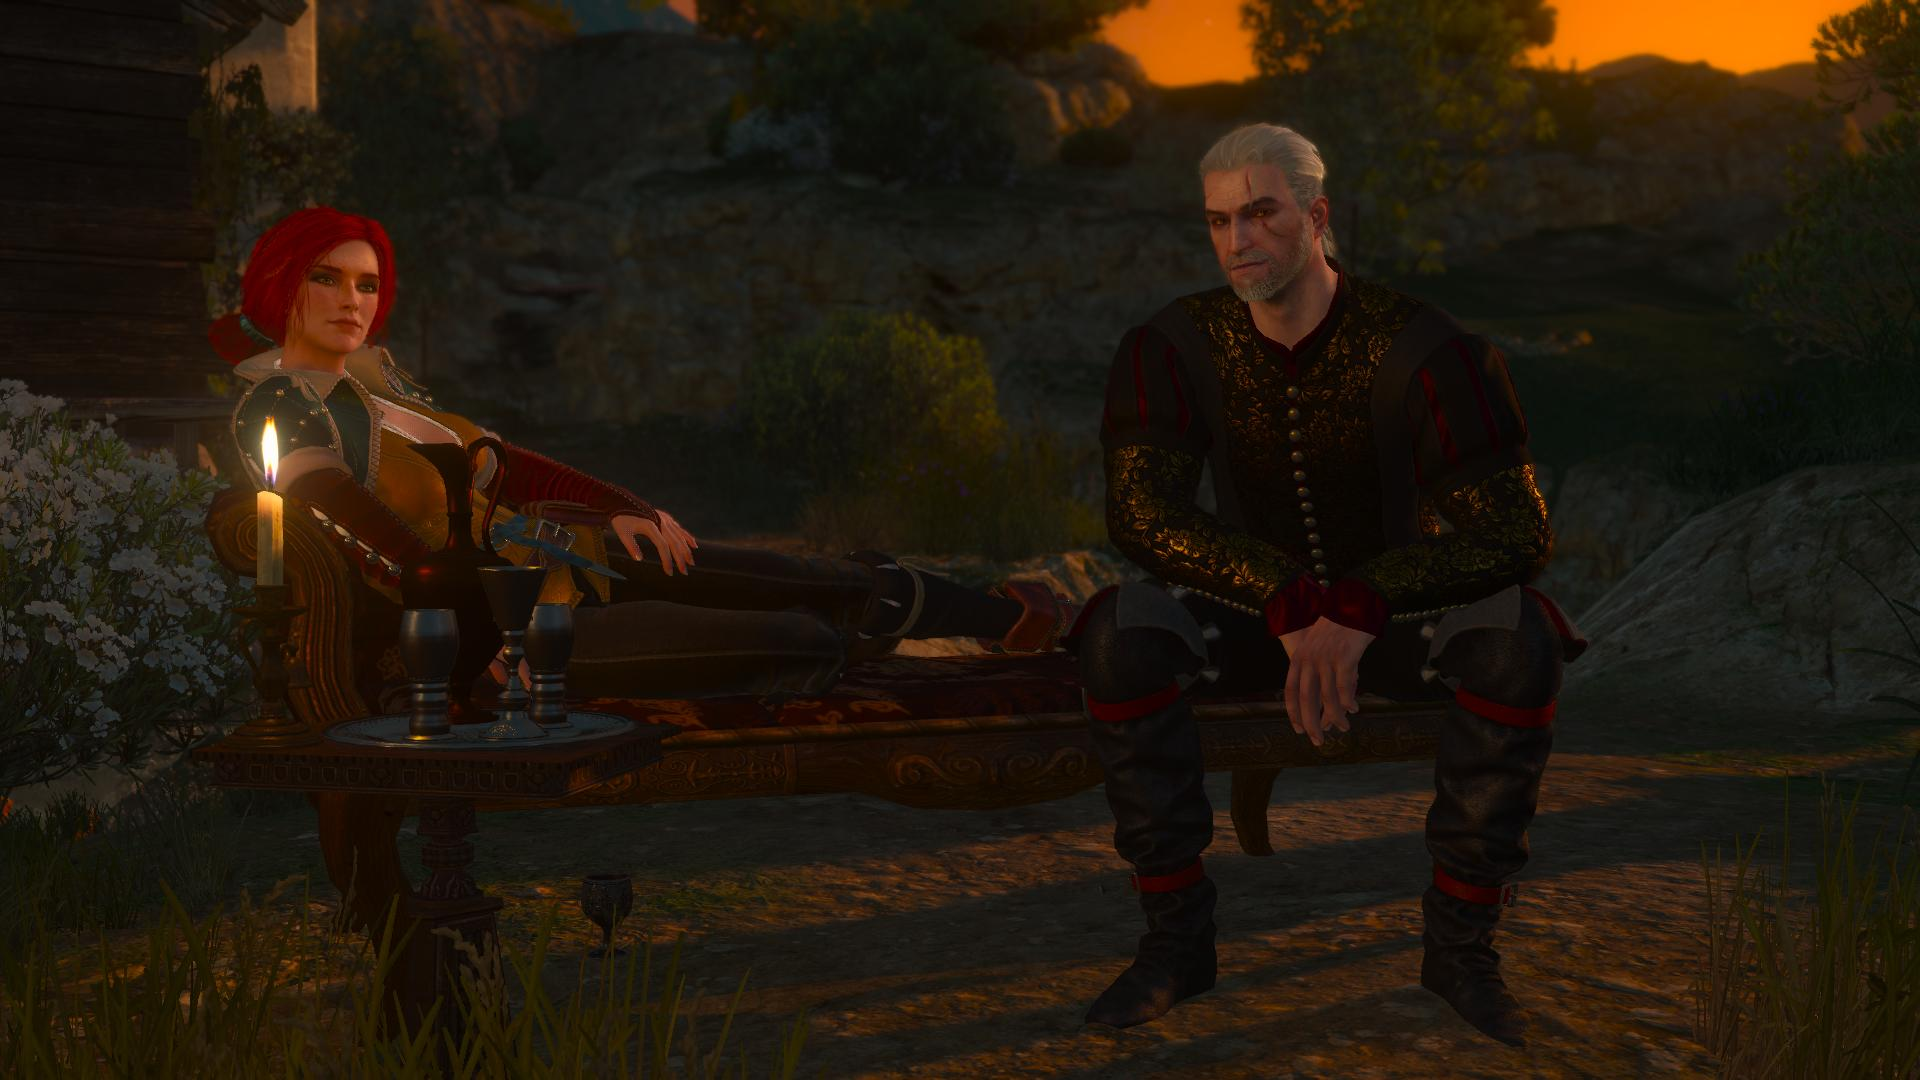 Скринчики - Witcher 3: Wild Hunt, the Персонаж